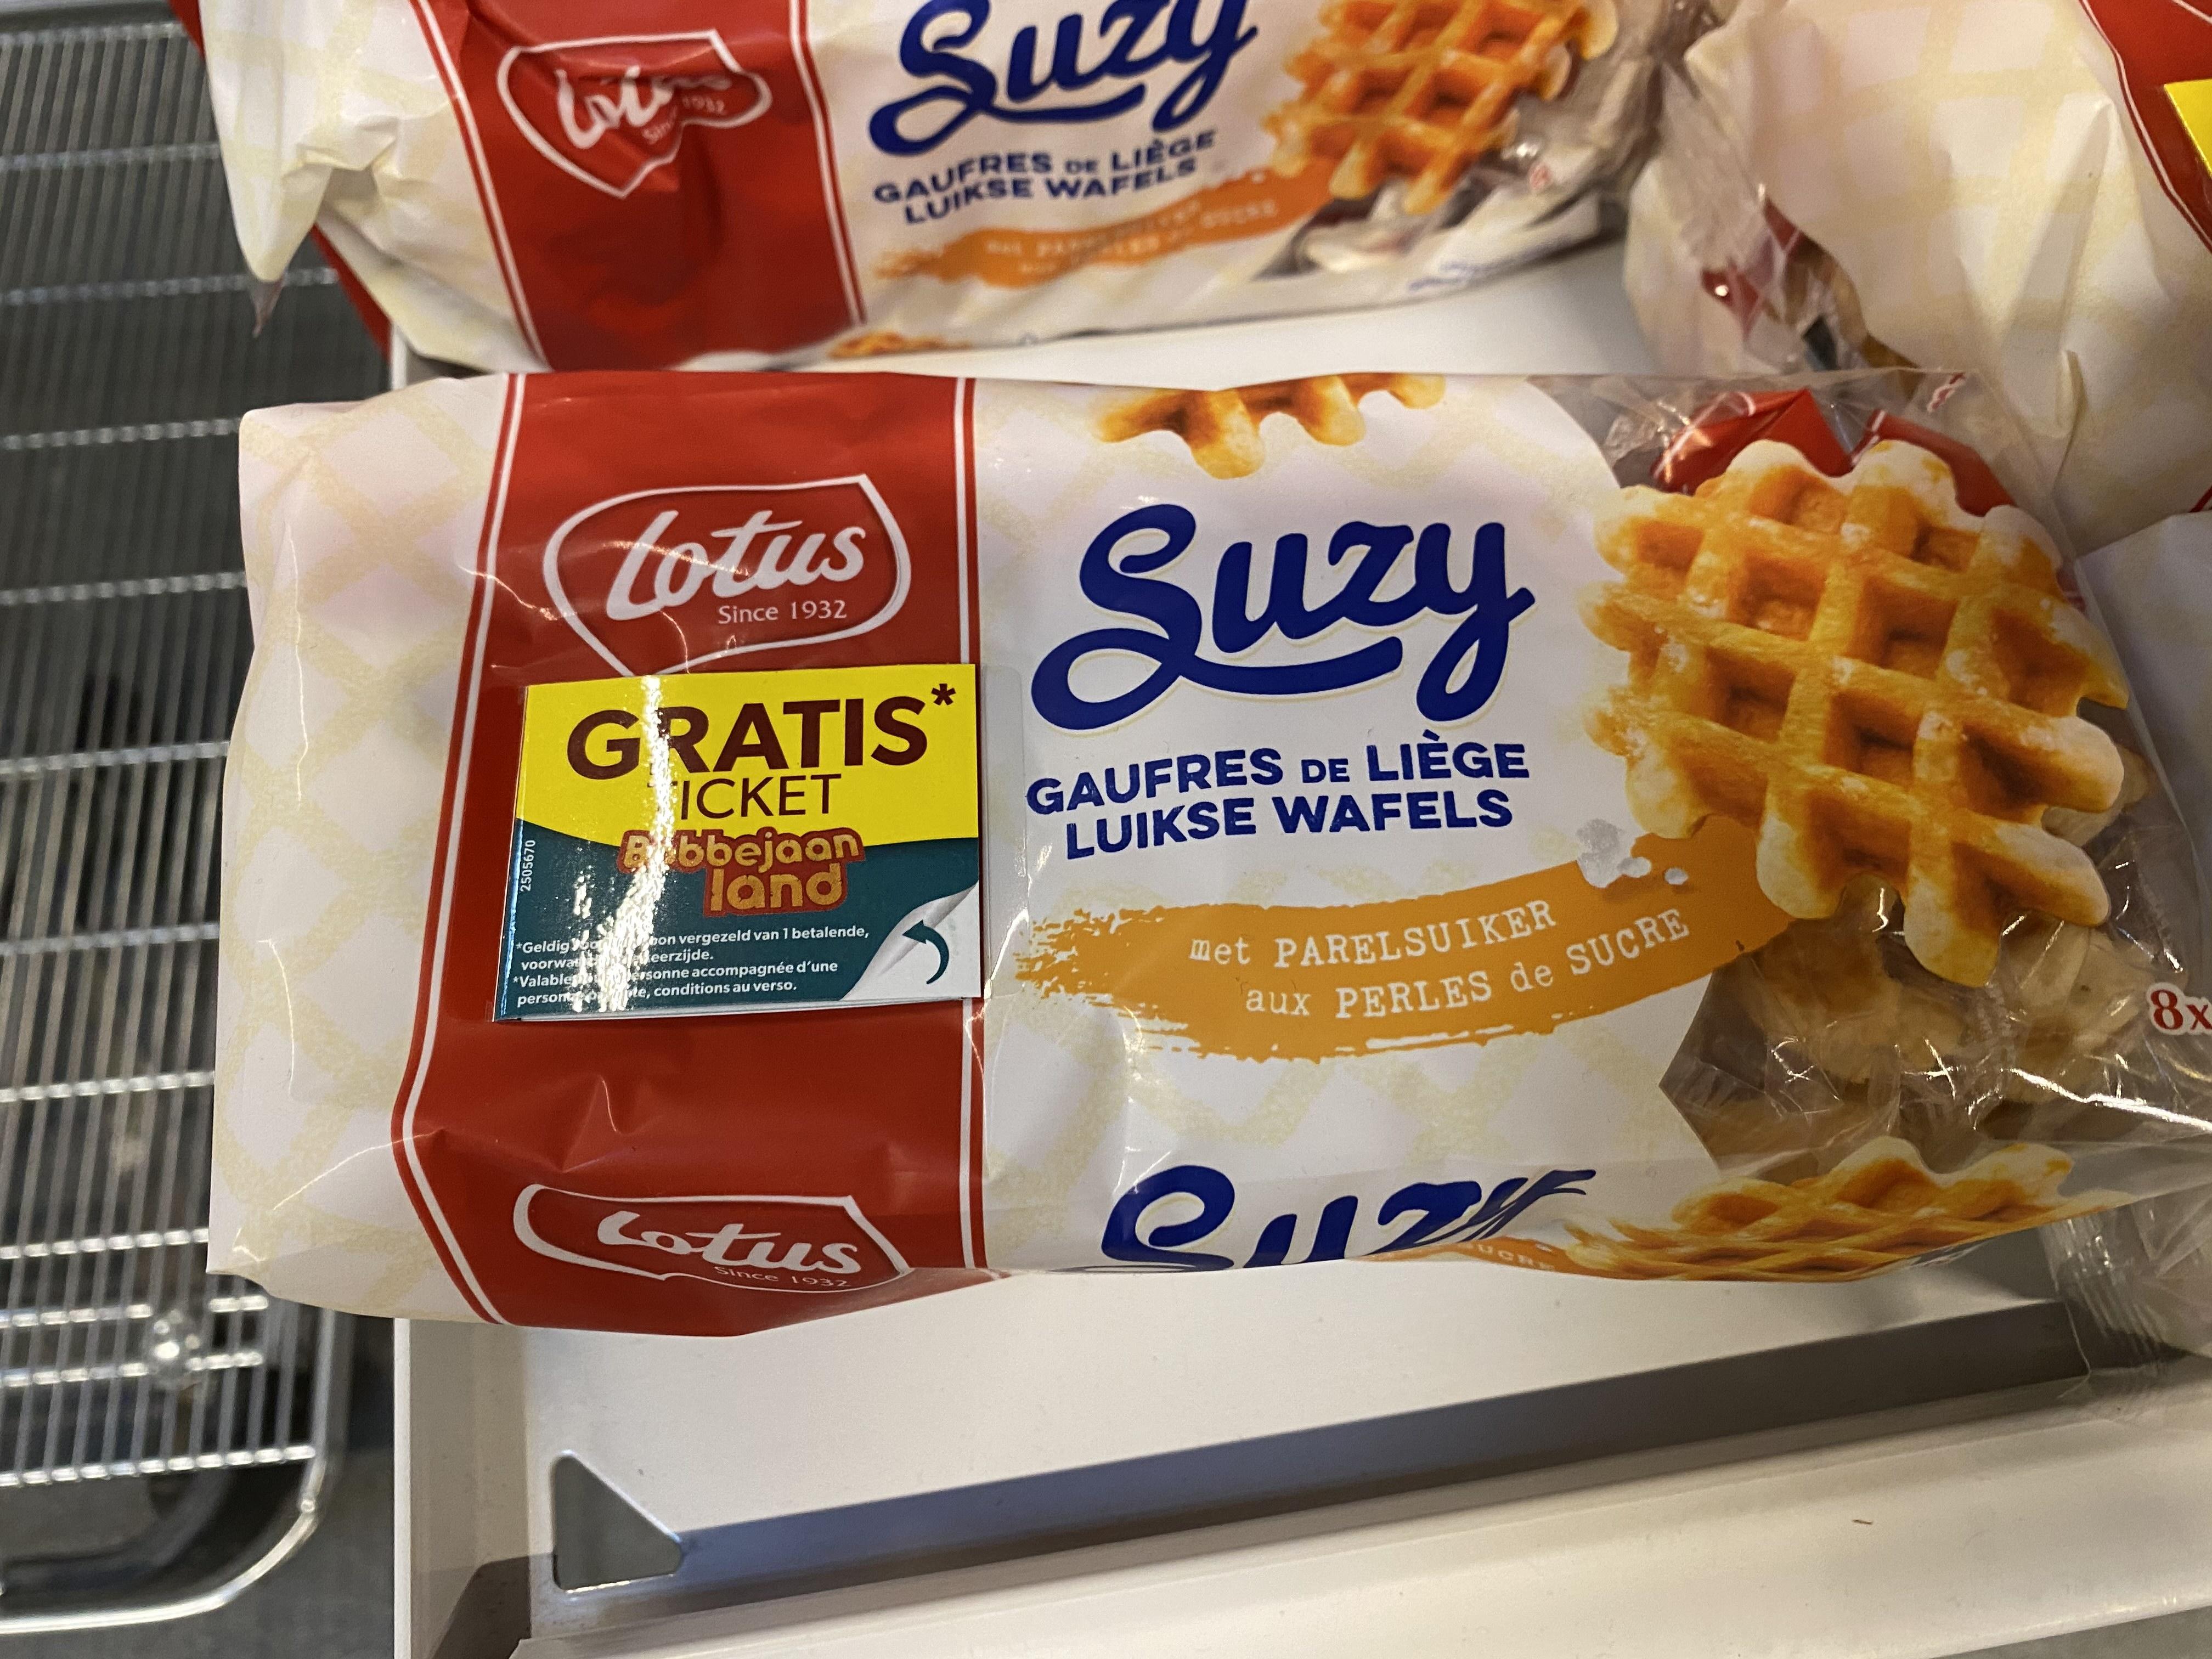 [Grensdeal] Bobbejaanlandticket bij aankoop Lotus Suzy wafels